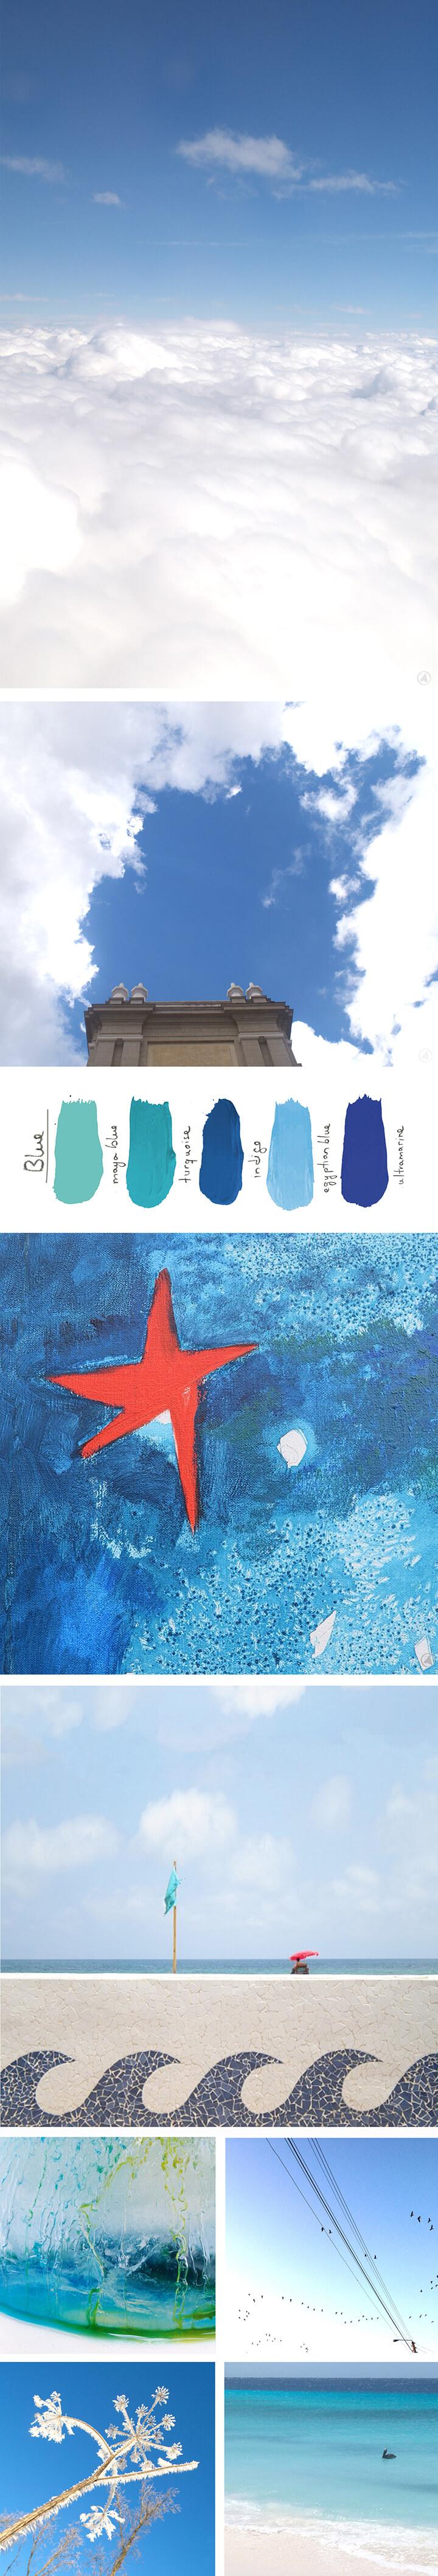 De sleutels tot de kleur blauw. Blog about the color blue by Angeles Nieto - Blog over de kleur blauw door Angeles Nieto - Blog sober el color Azul escrito por Angeles Nieto